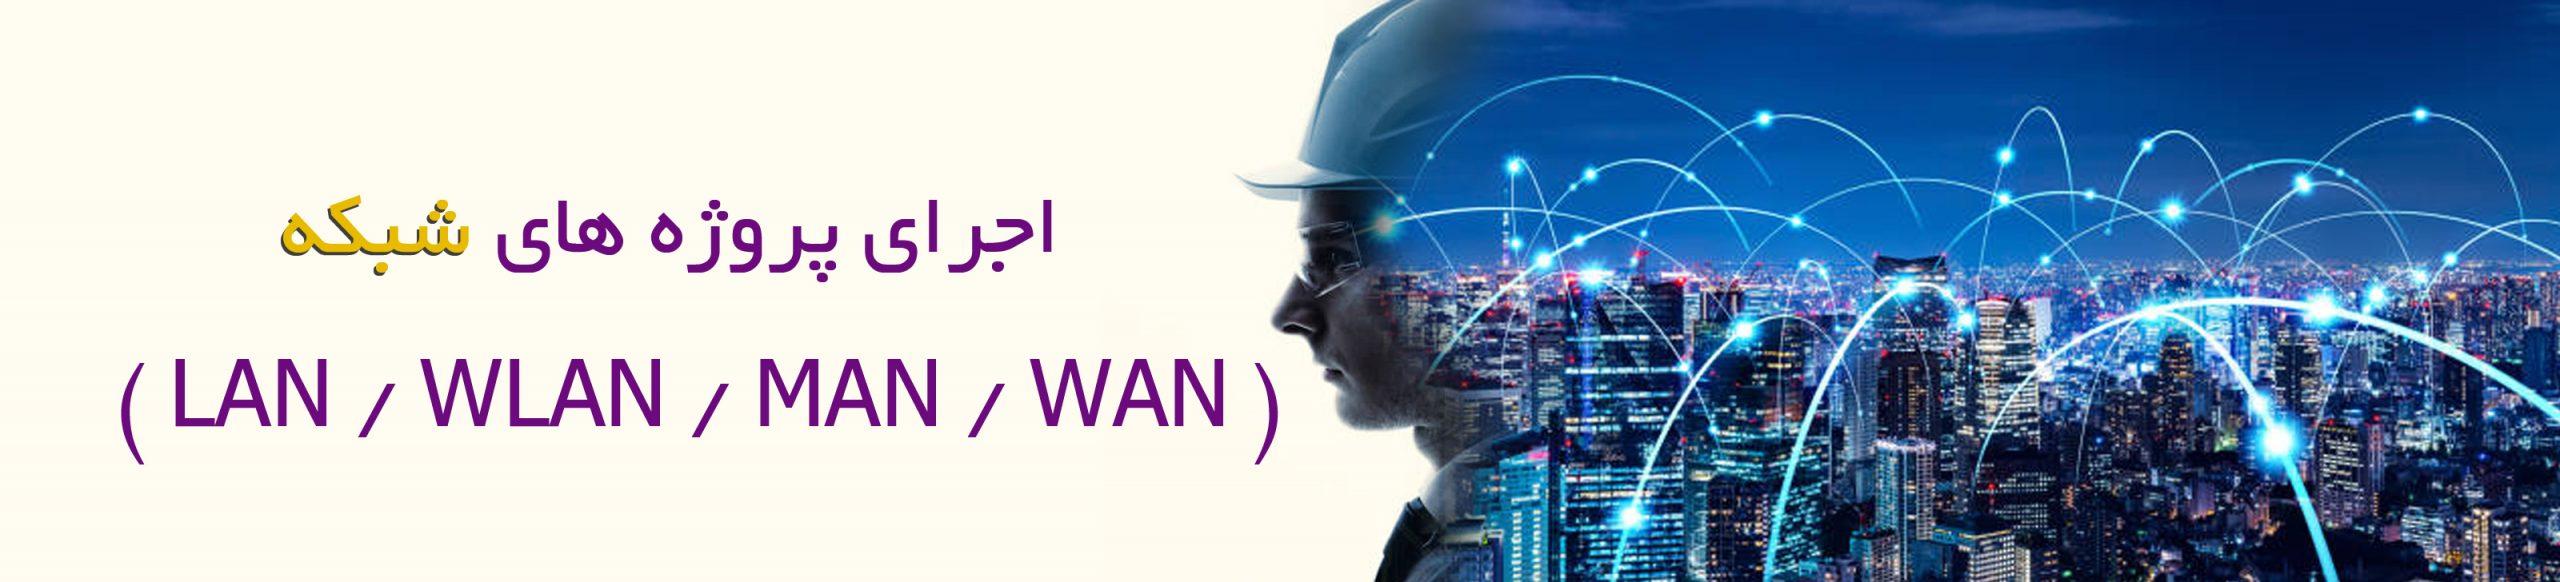 اجرای پروژه های شبکه, اجرای پسیو شبکه